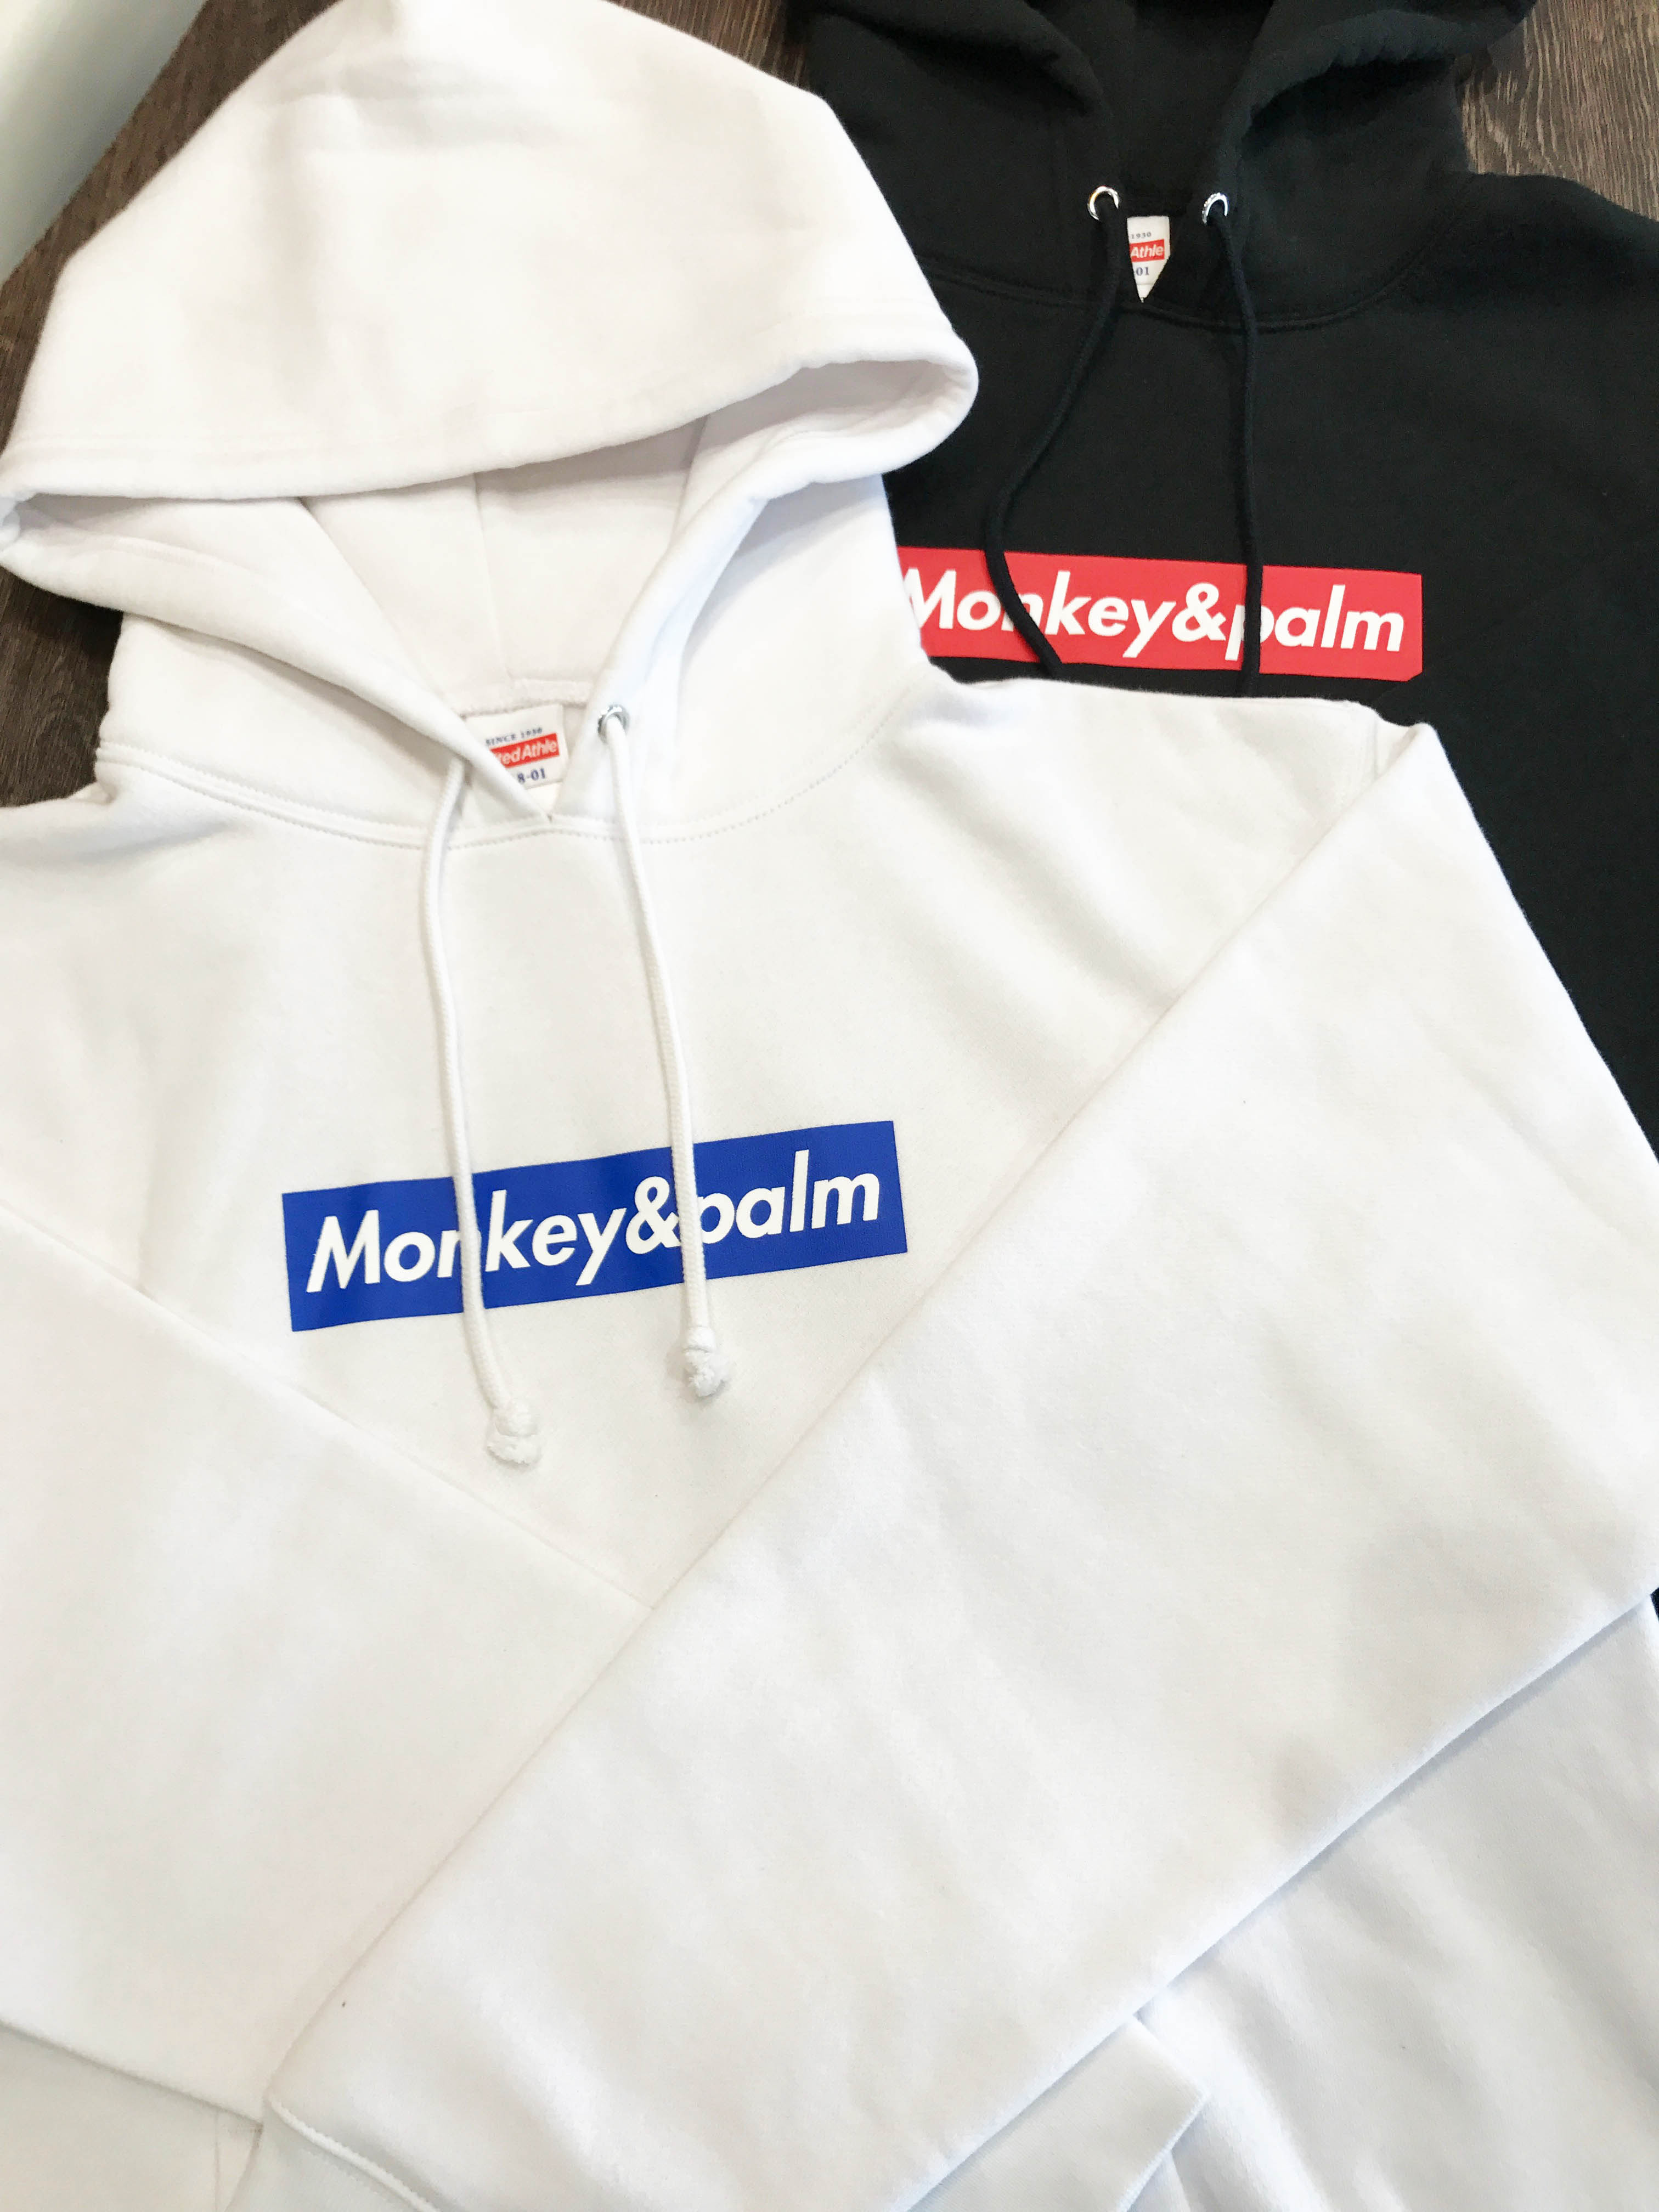 Monkey&Palmオリジナルパーカー製作